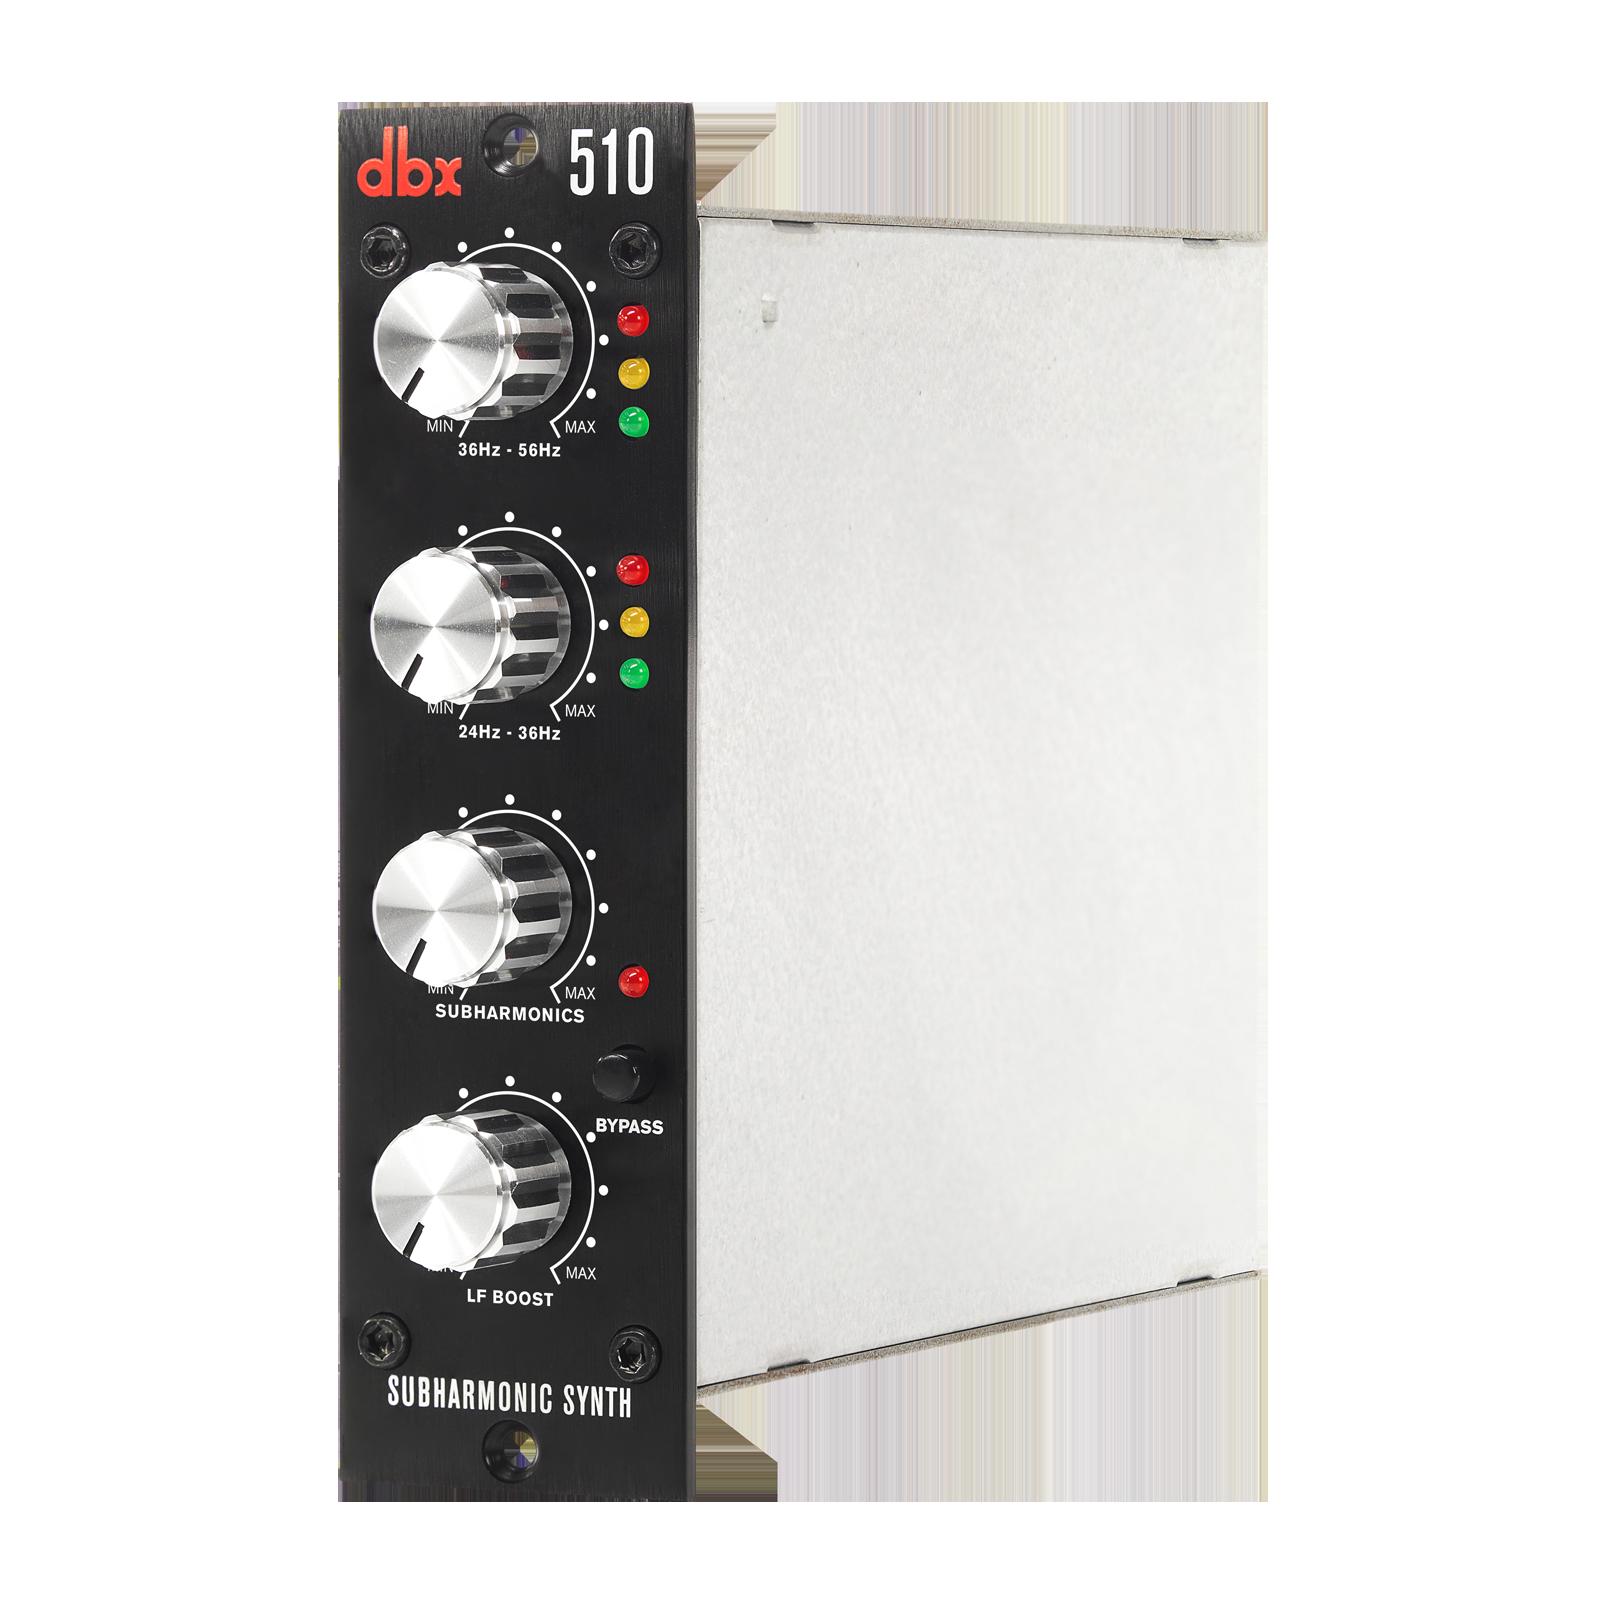 510 - Black - Subharmonic Synthesizer - 500 Series - Detailshot 1